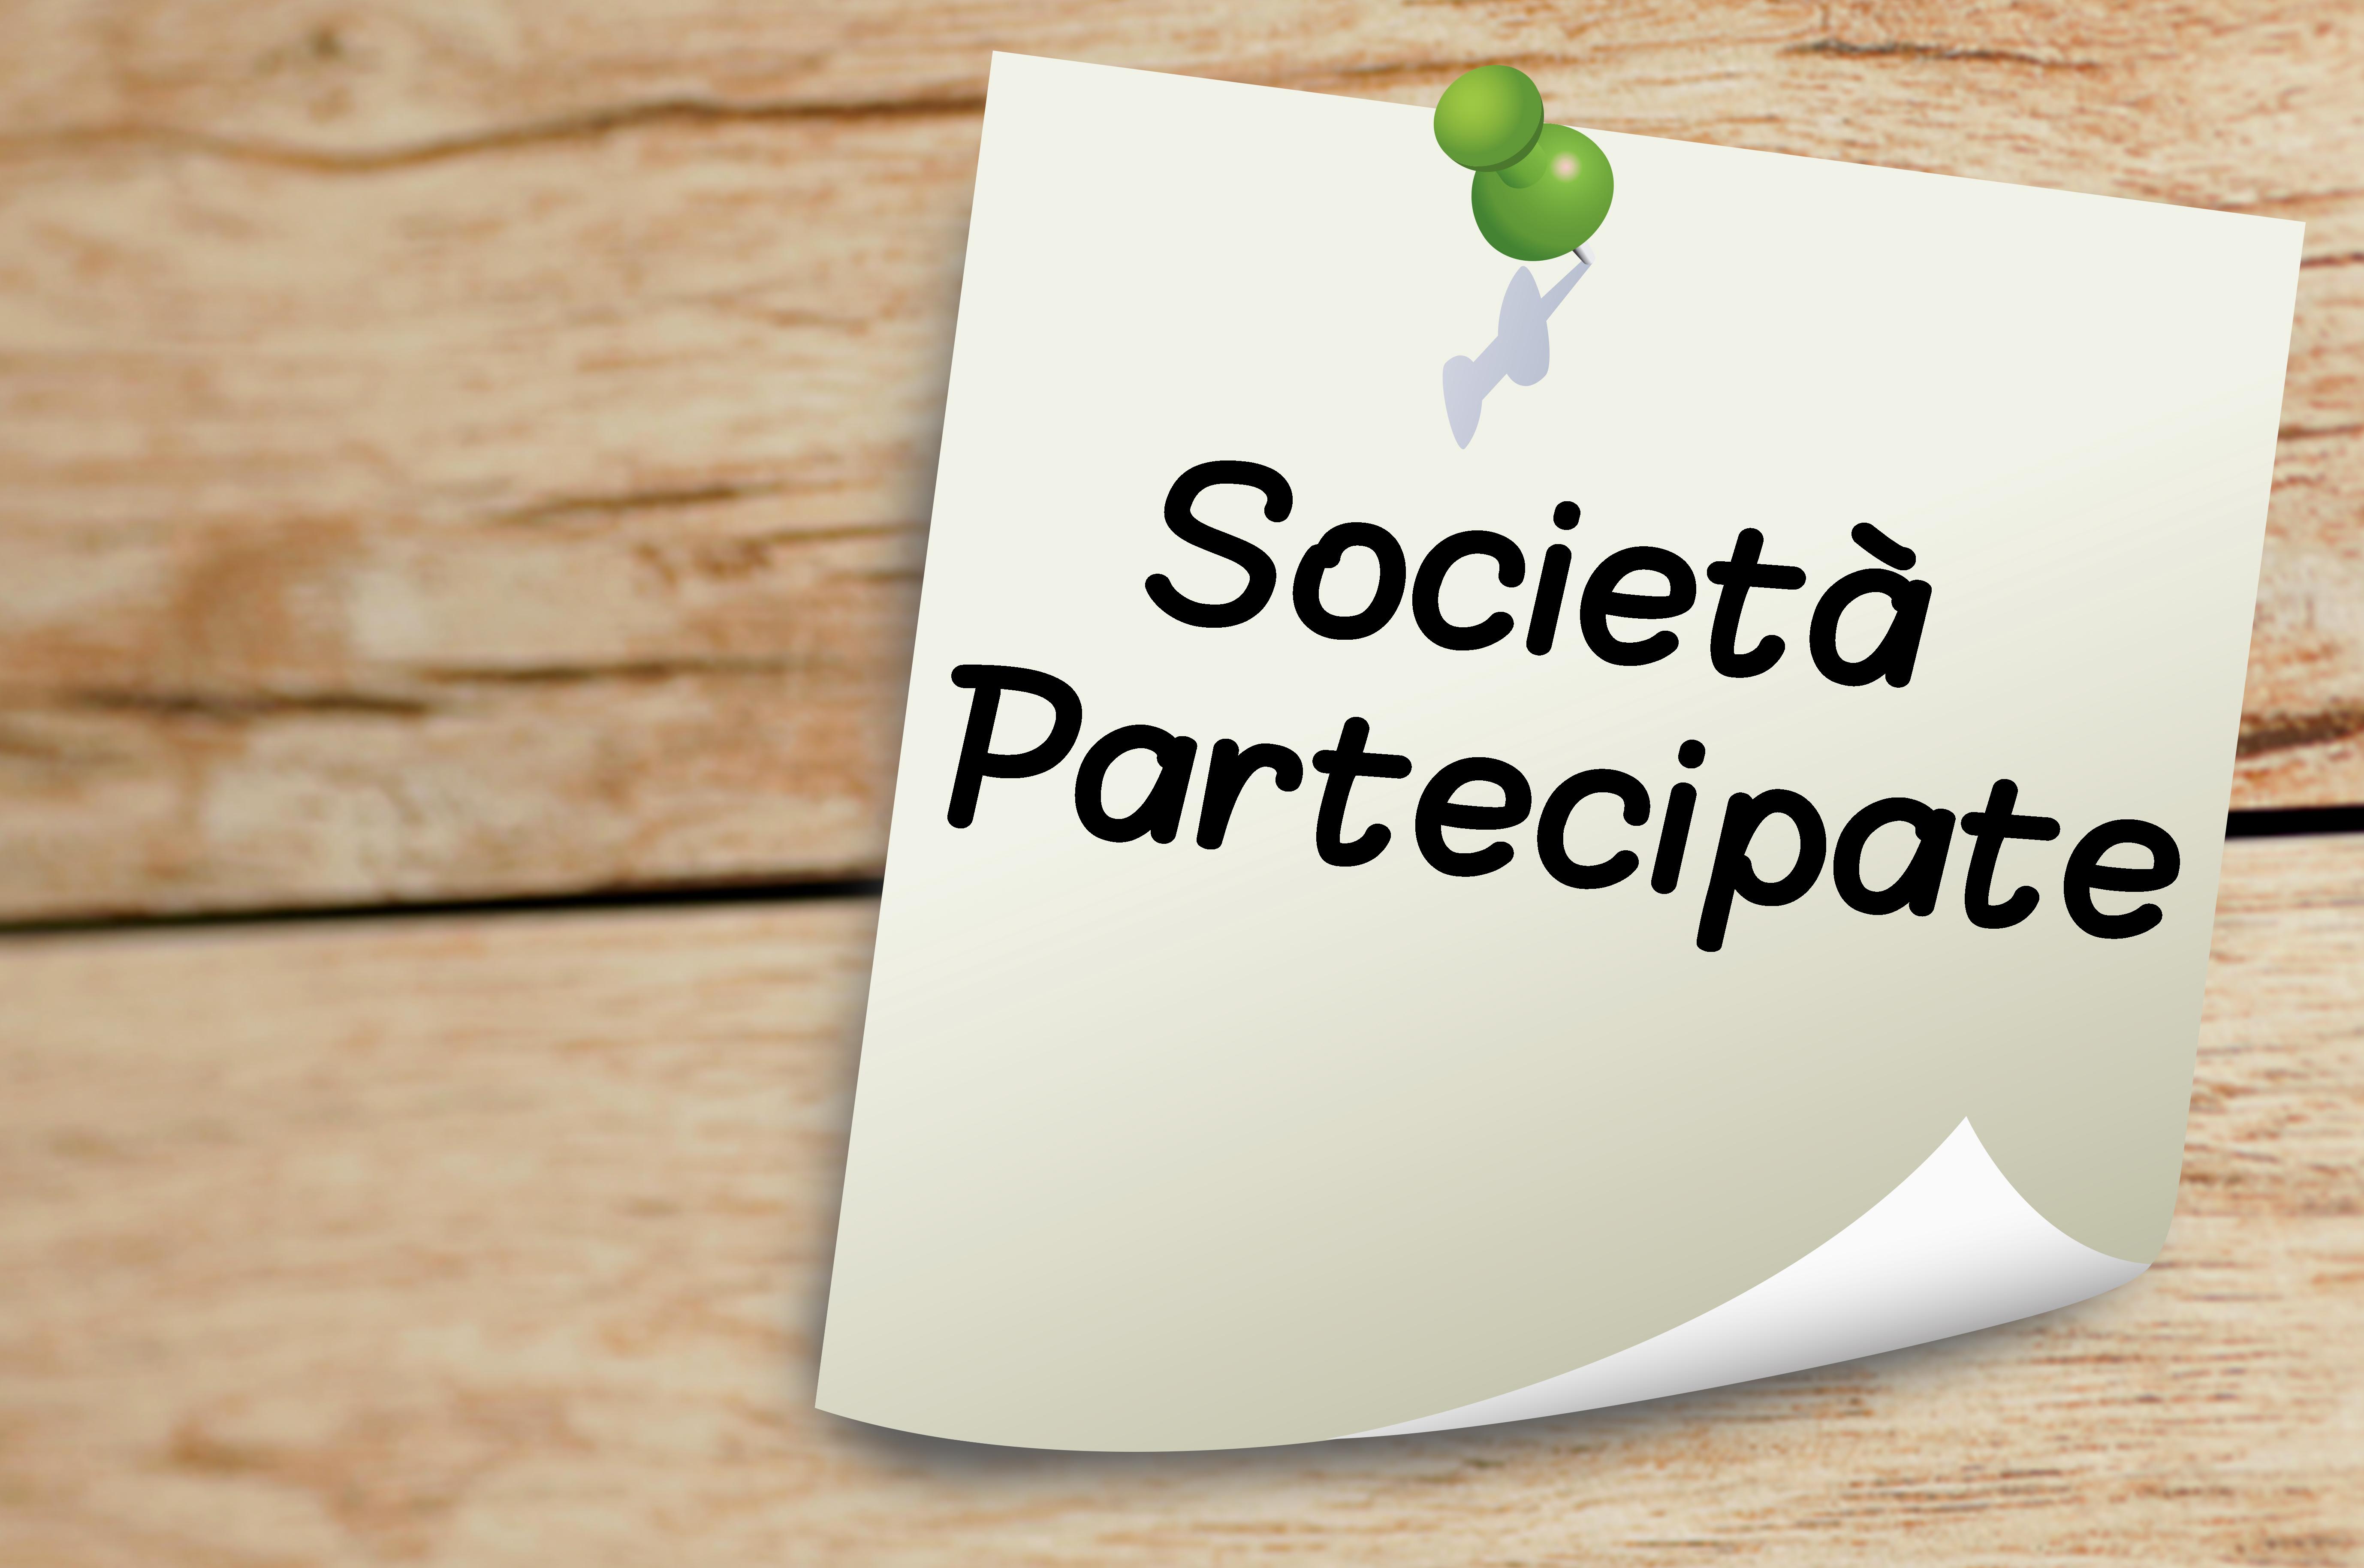 Ecco il Decreto per la razionalizzazione delle Società Partecipate